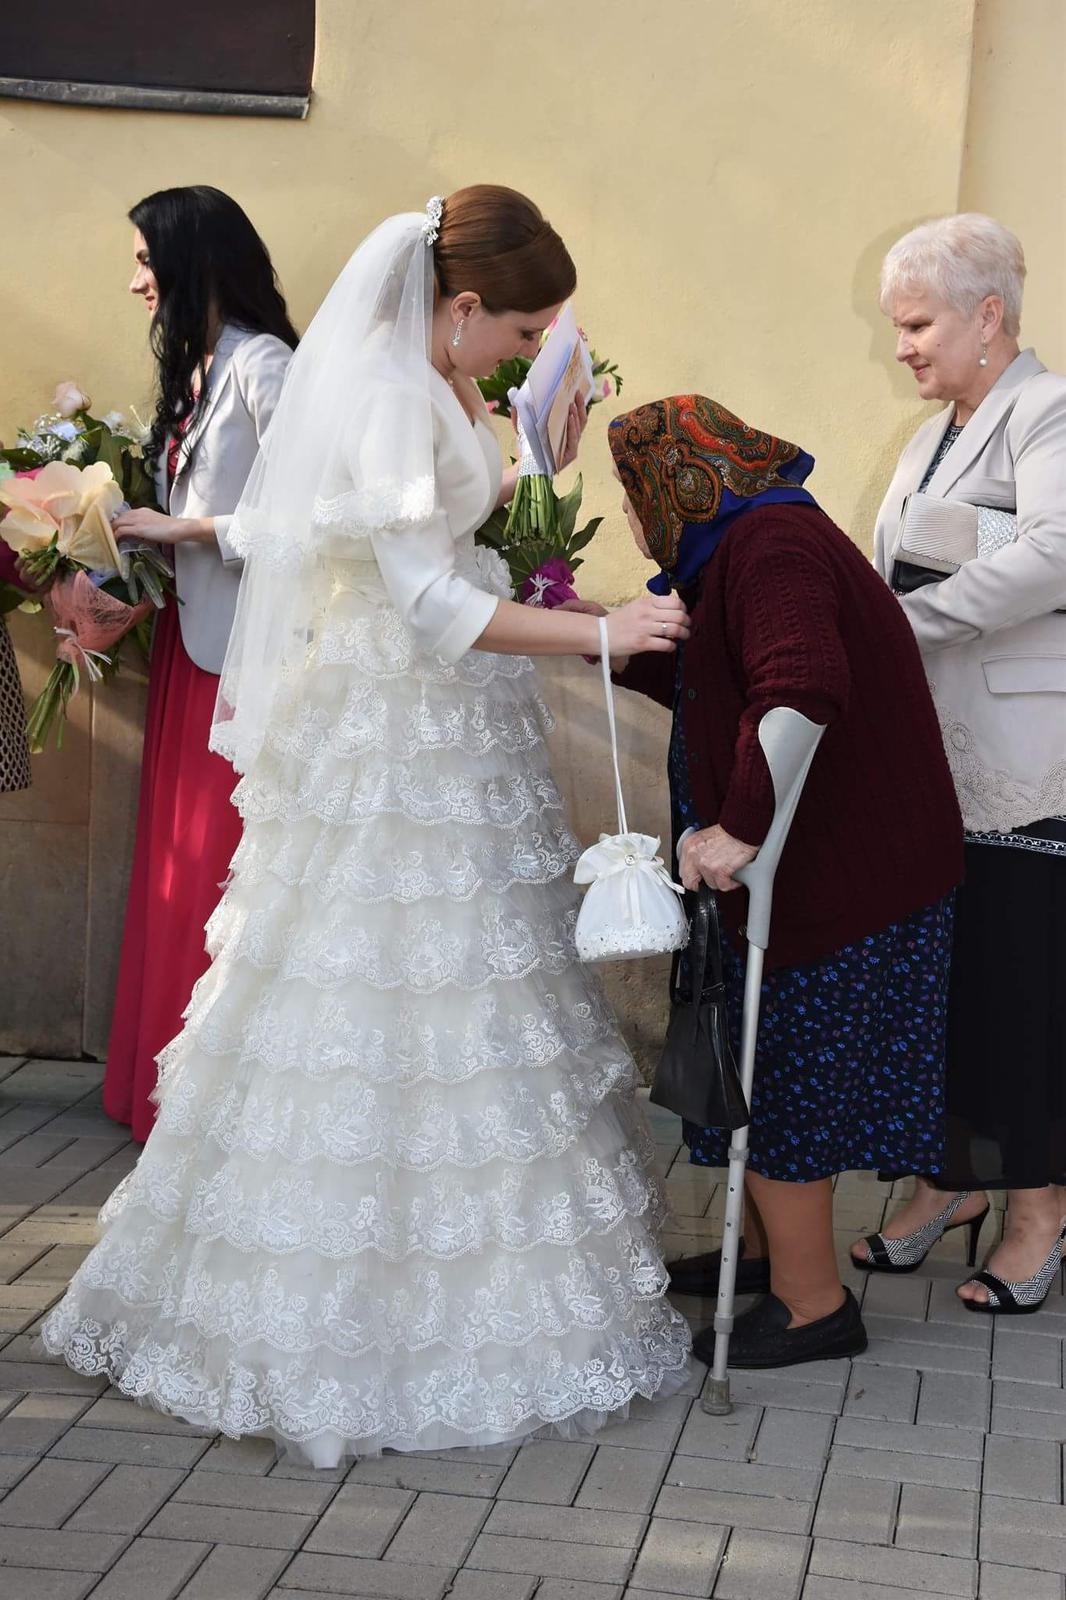 Krajkove svadobne saty 36-38 cena 80 - Obrázok č. 1